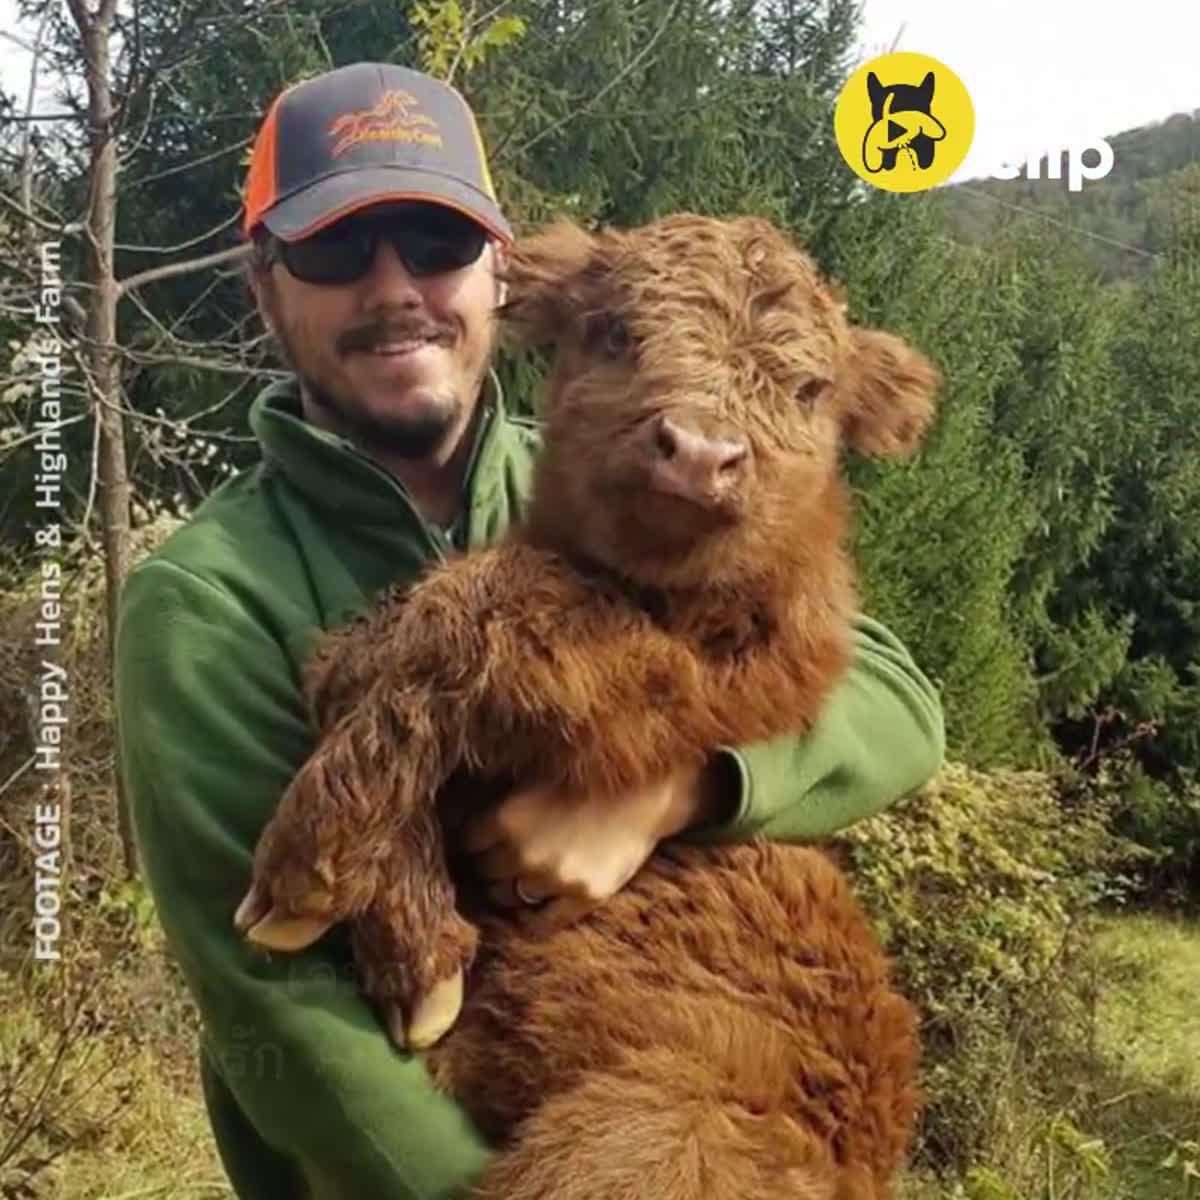 เจมส์วัวไฮแลนด์ที่คิดว่าตัวเองเป็นหมา